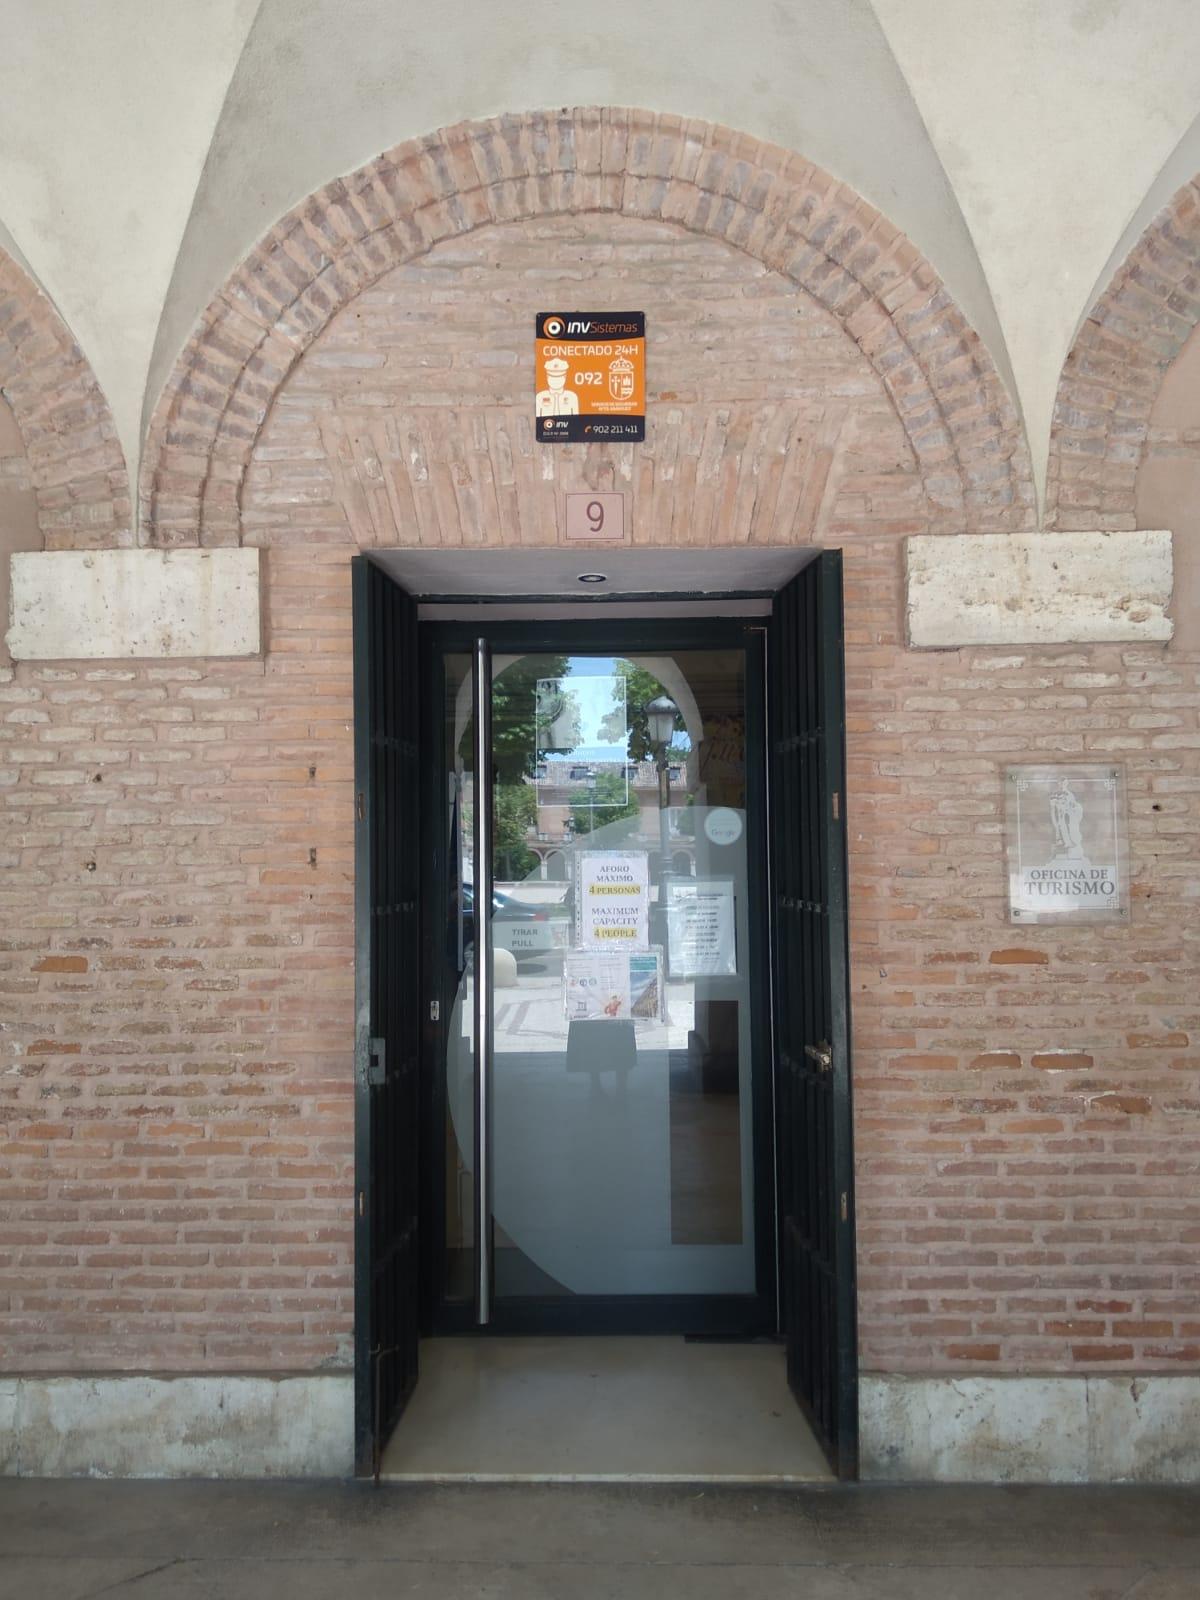 Entrada a la Oficina de Turismo